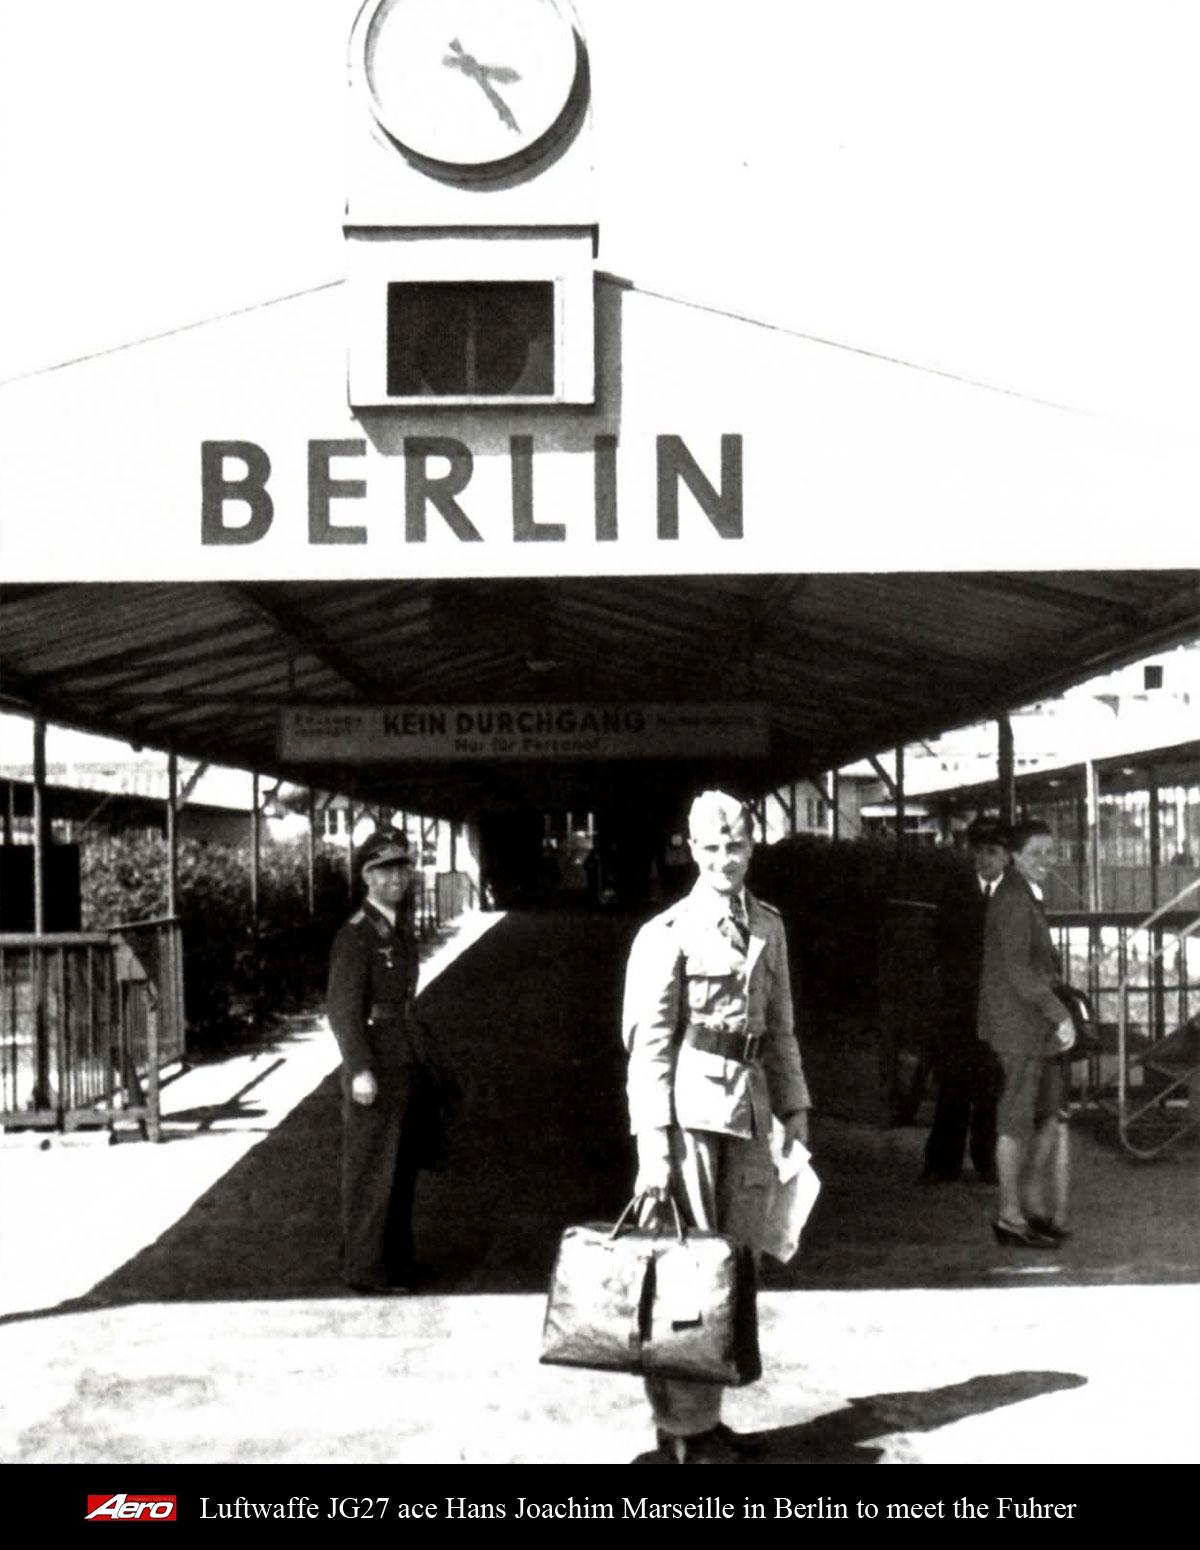 Aircrew Luftwaffe JG27 ace Hans Joachim Marseille in Berlin to meet the Fuhrer